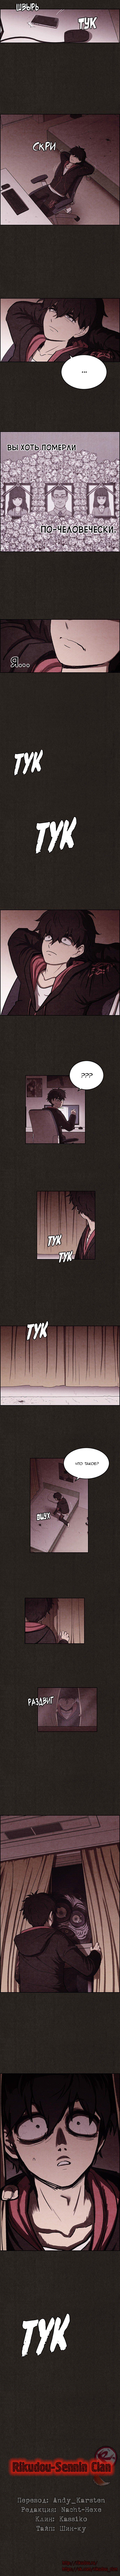 Манга Милый дом / Sweet Home (HWANG Youngchan) - Том 1 Глава 11 Страница 7